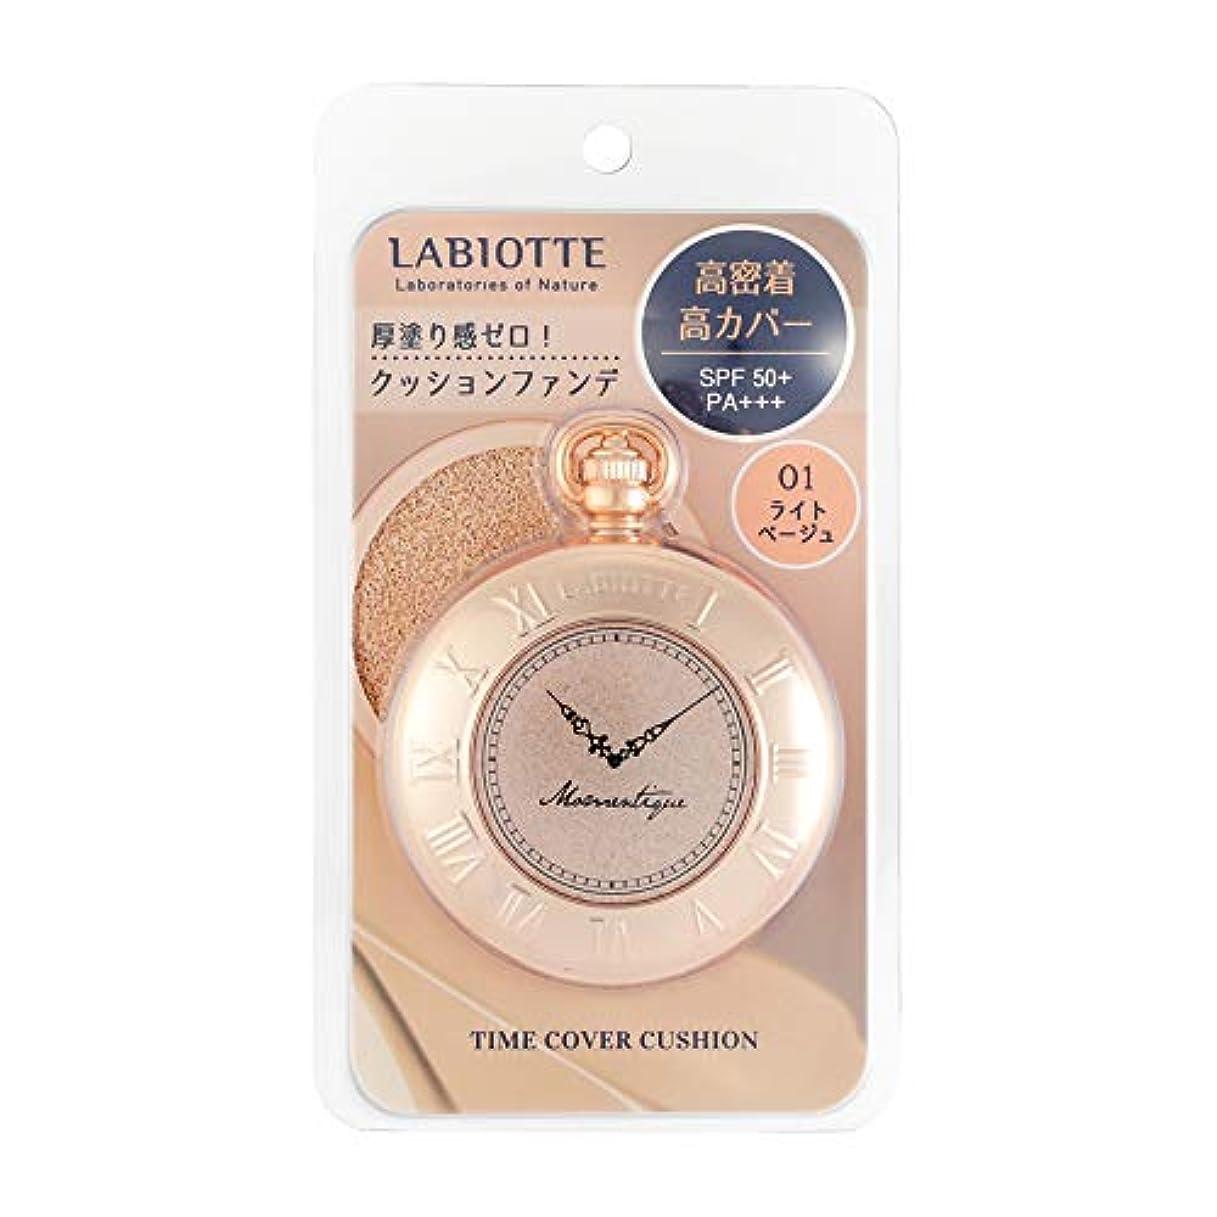 いうオペレーター竜巻LABIOTTE(ラビオッテ) タイムカバークッションファンデ 01 ライトベージュ (13g)